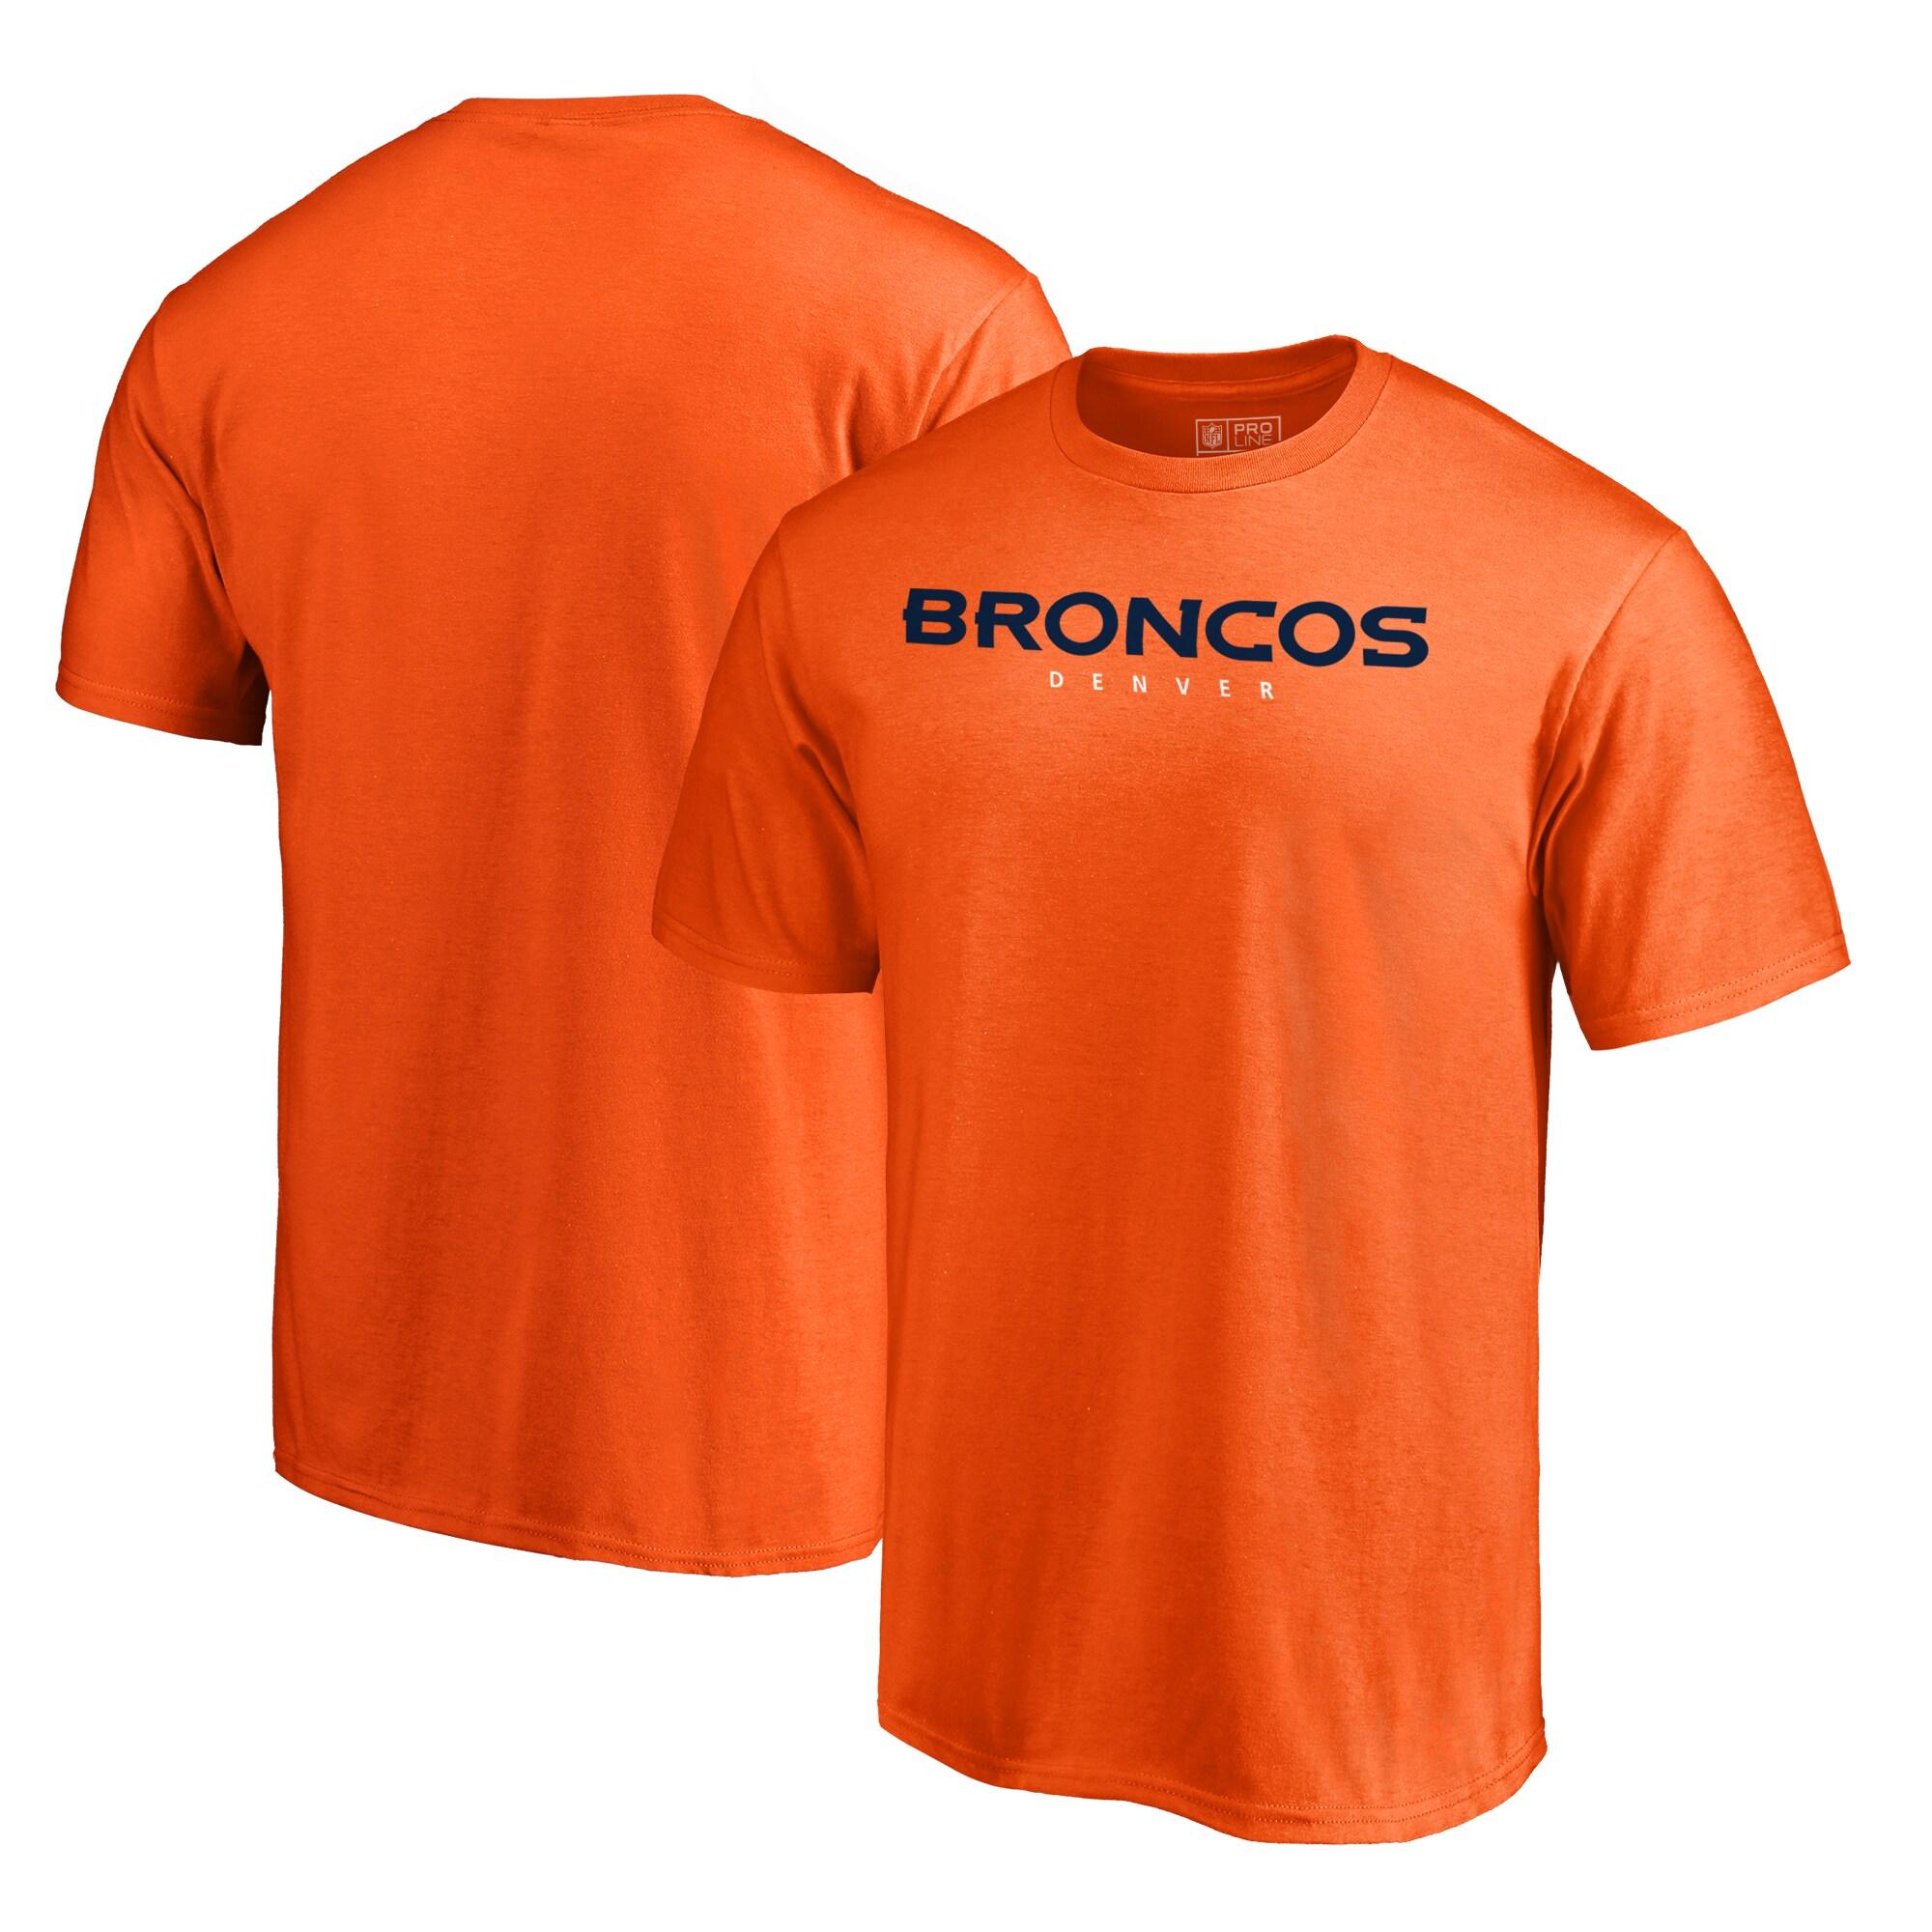 Denver Broncos NFL Pro Line by Fanatics Branded Wordmark T-Shirt - Orange